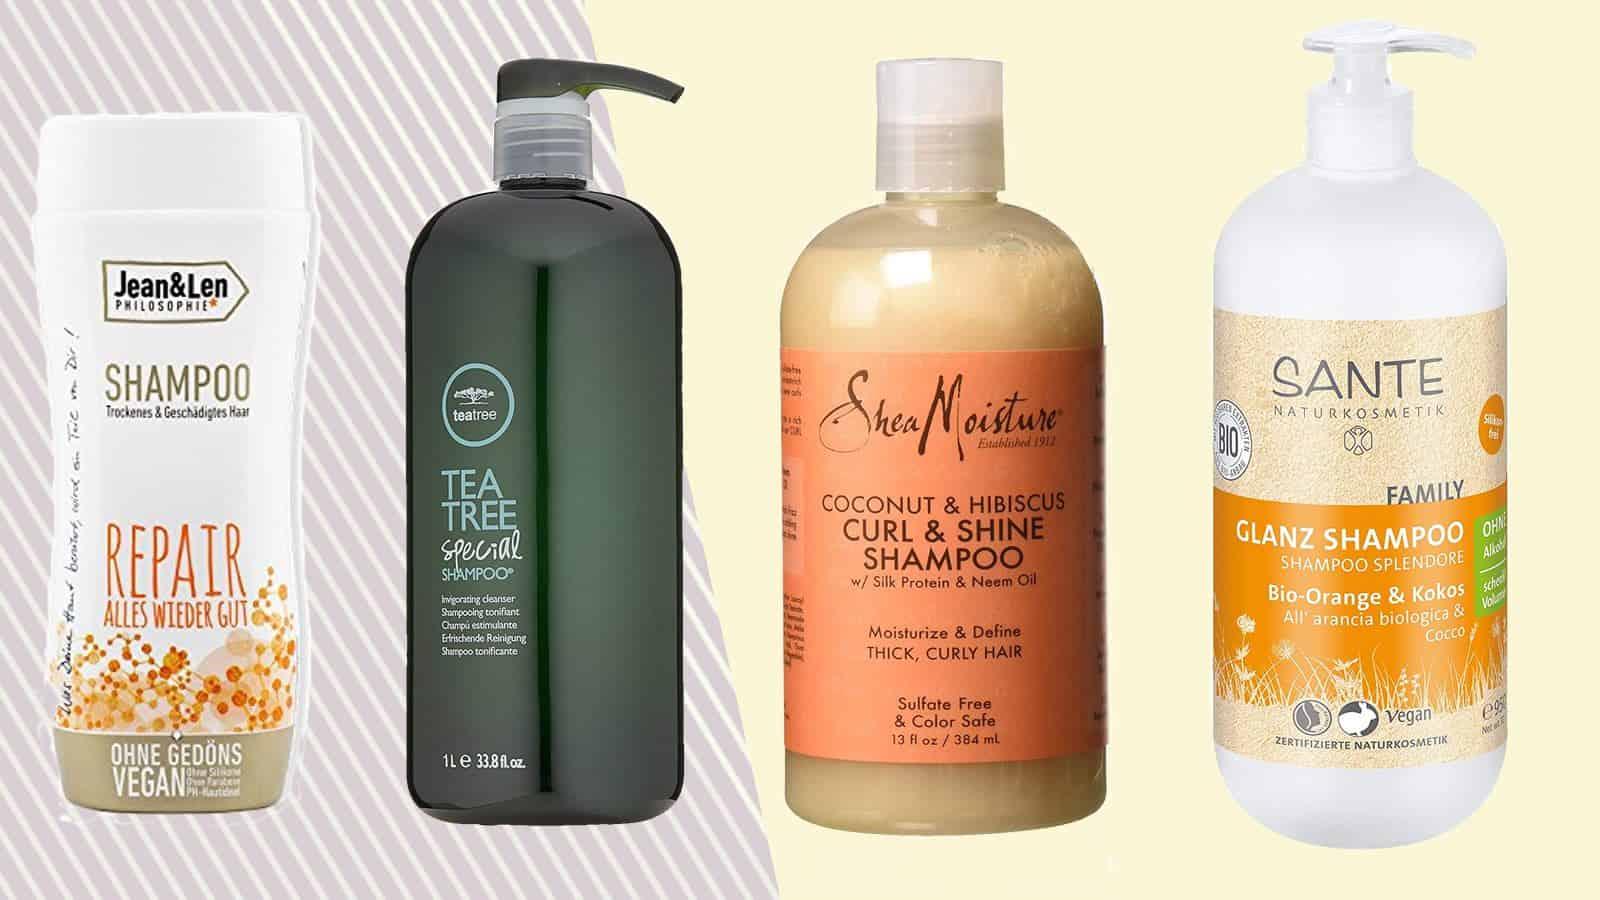 10 beste vegane Shampoos ohne Tierversuche im Vergleich 2019